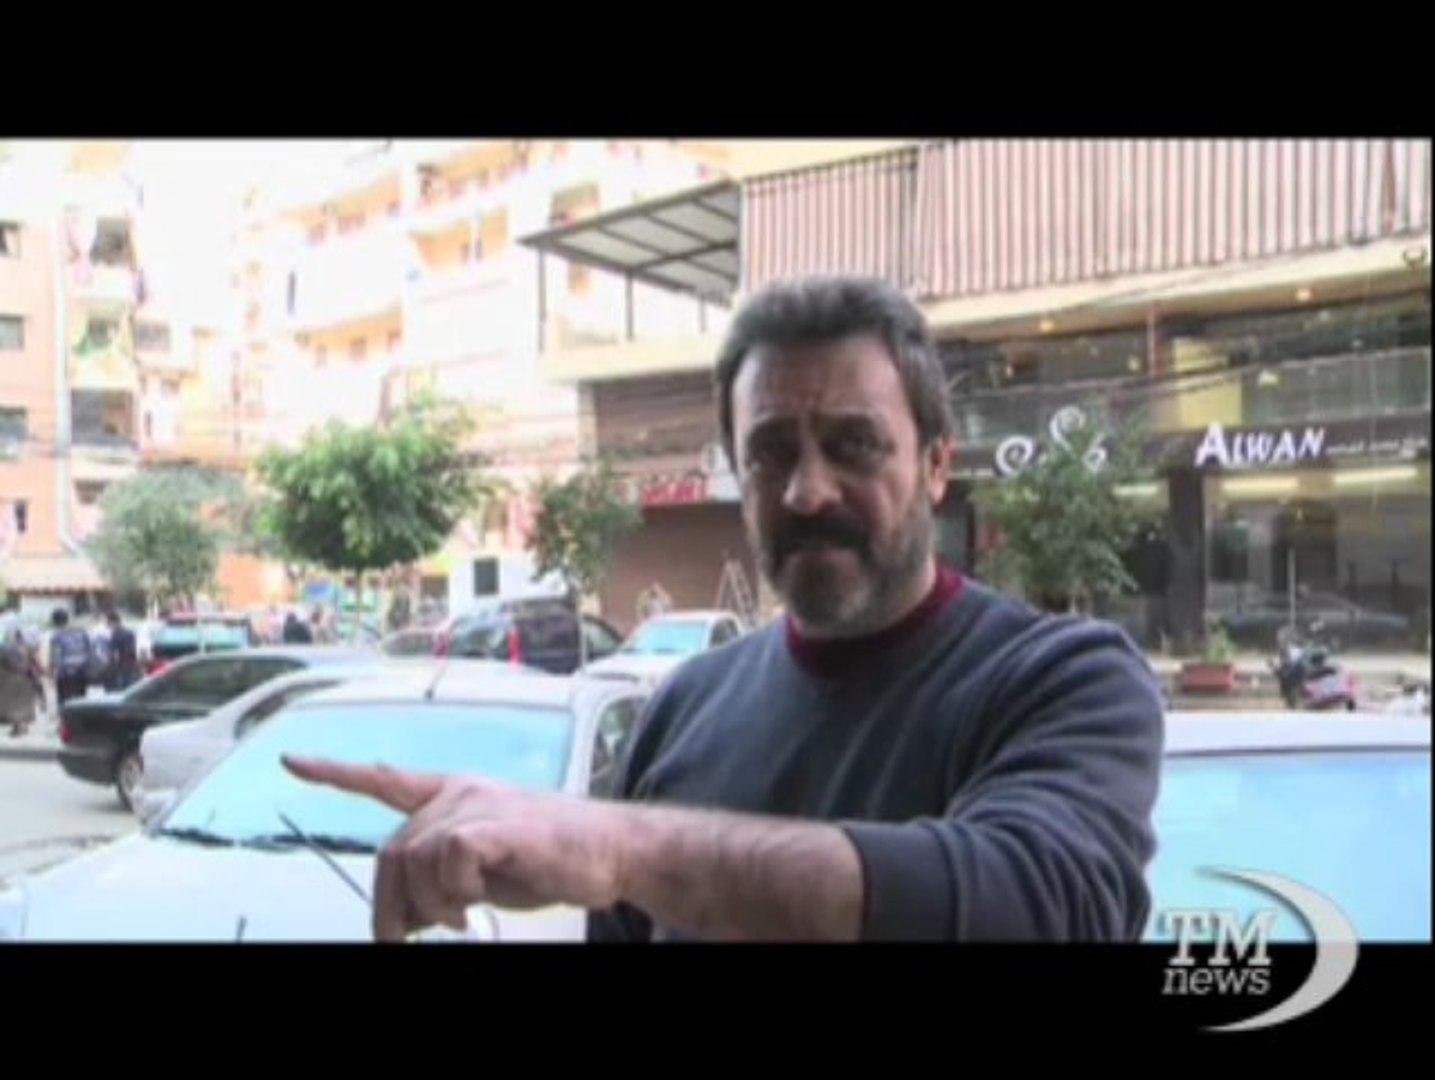 Escalation di violenze in Libano: si estende il conflitto siriano. L'ultimo attentato nel quart